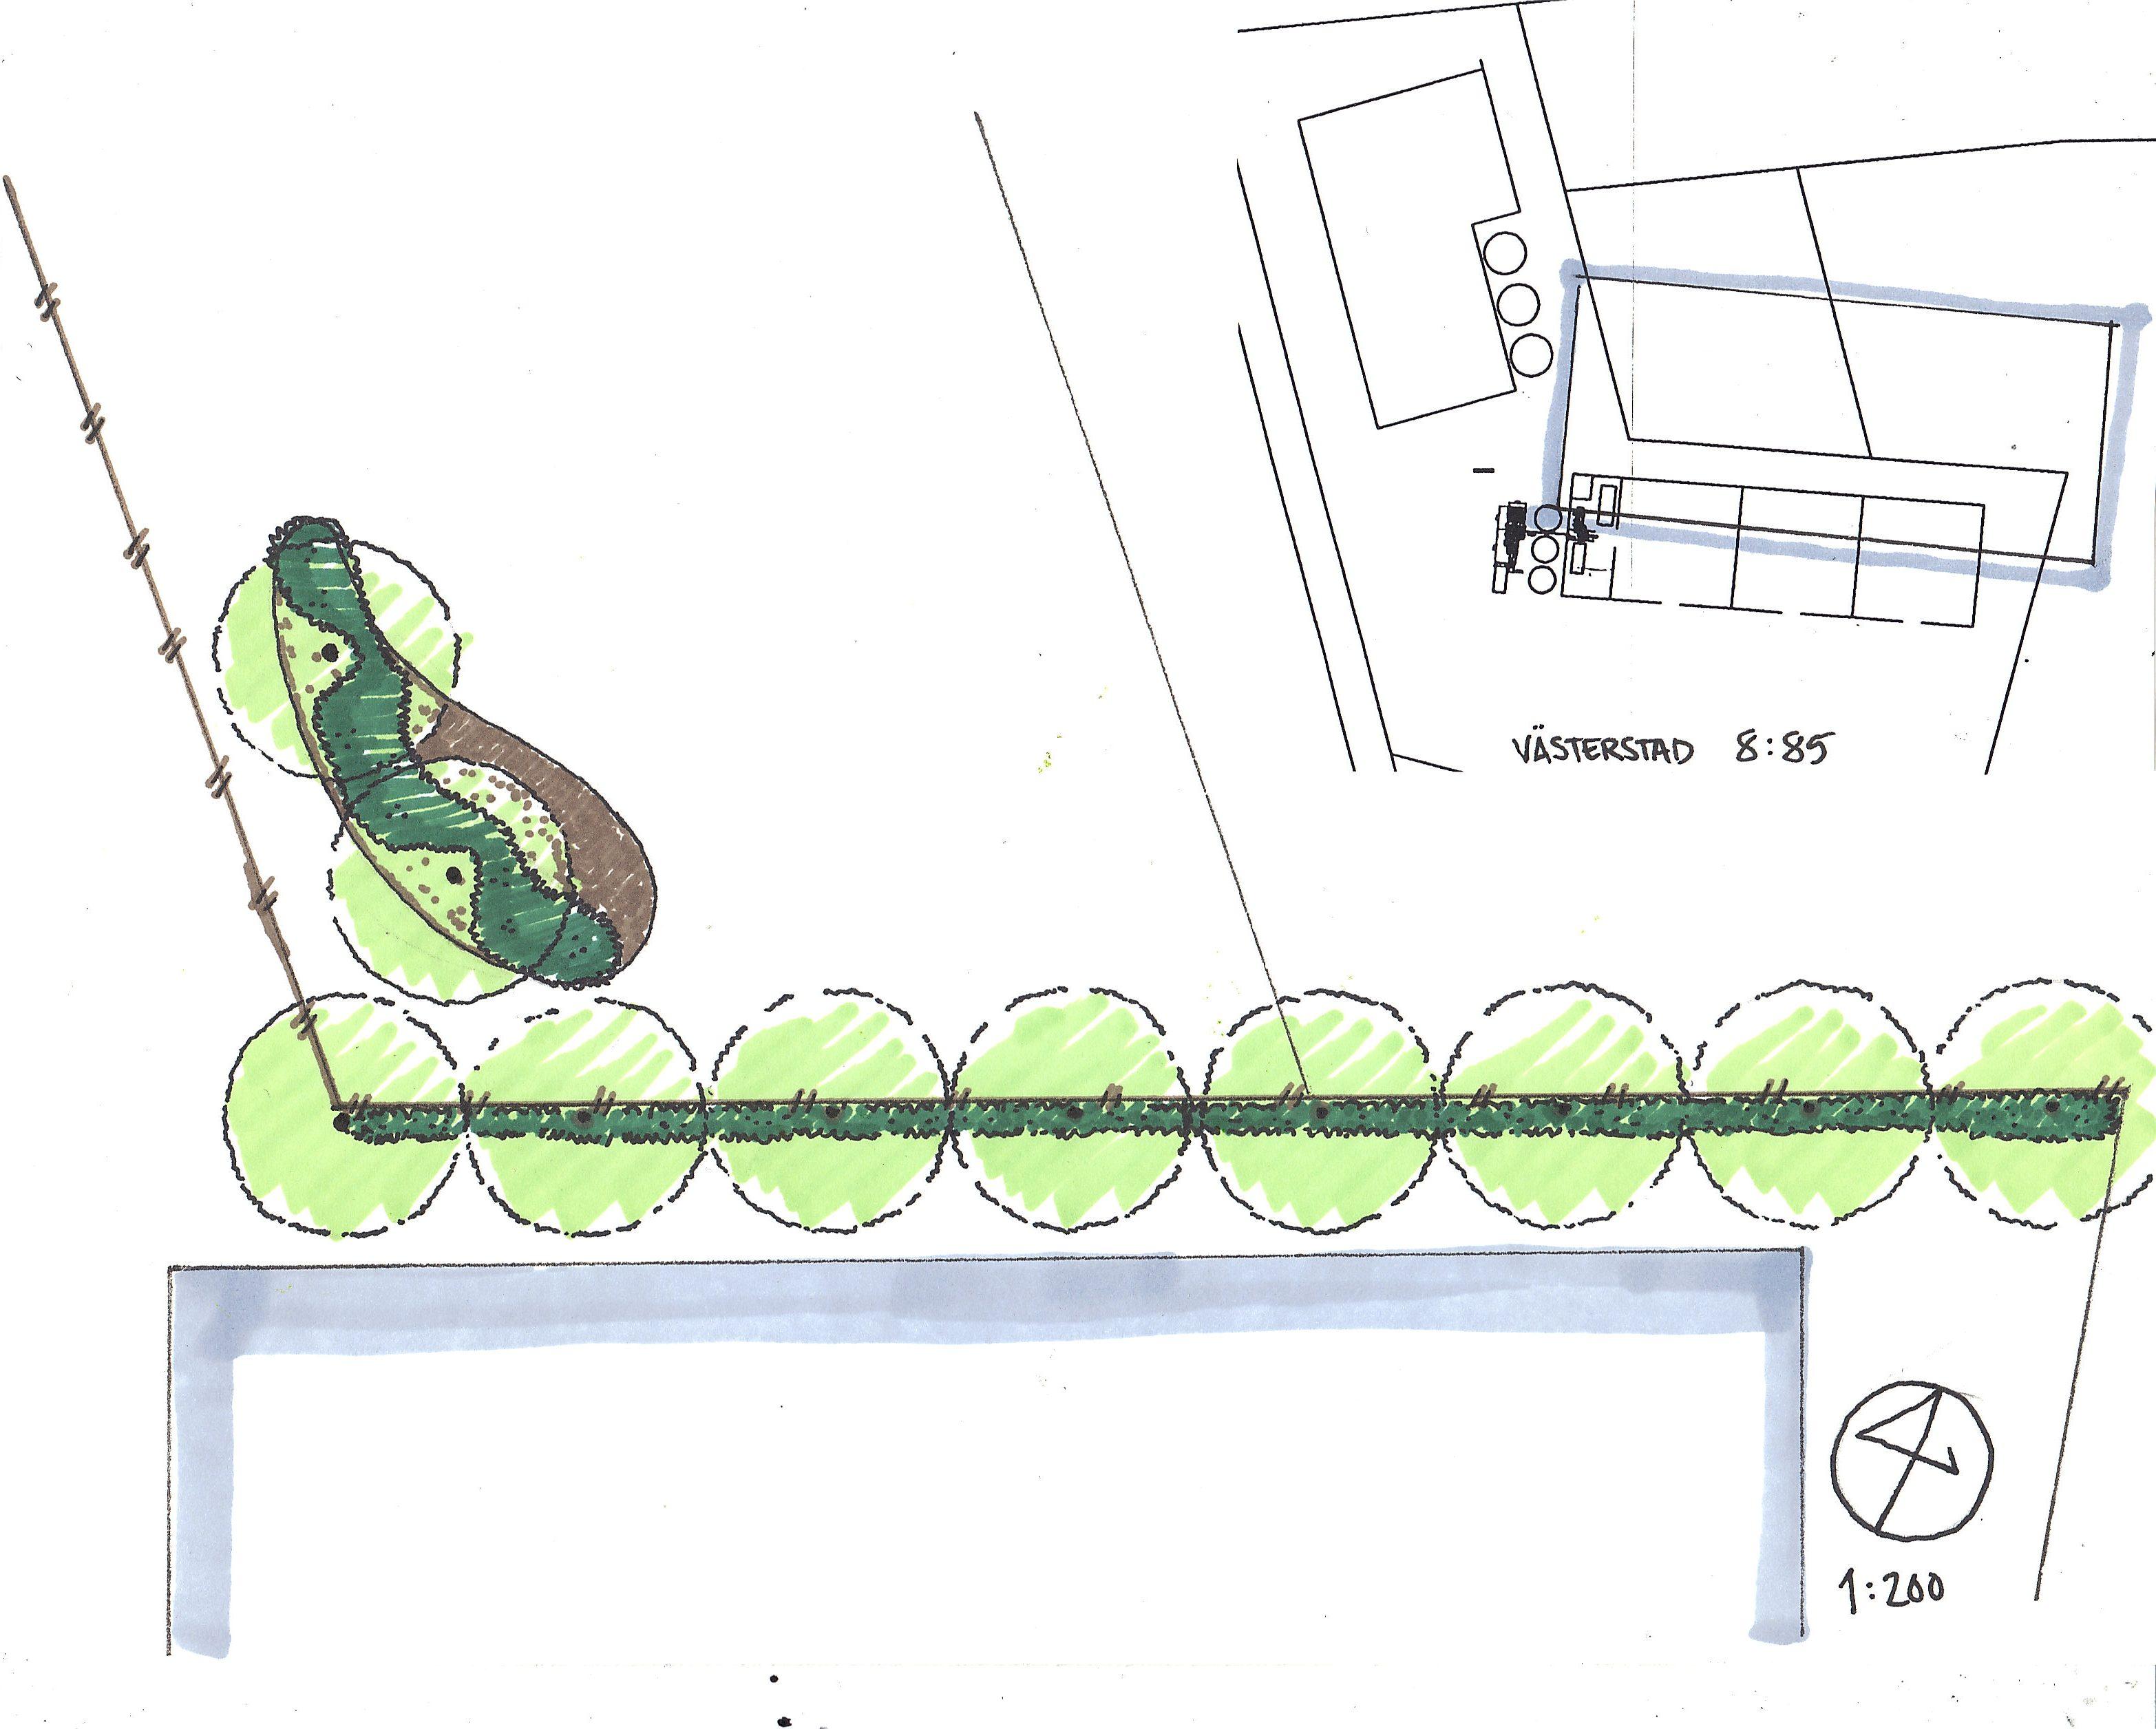 Trädgårdsdesign, Trädgårdsarkitektur, allé, bullerplantering